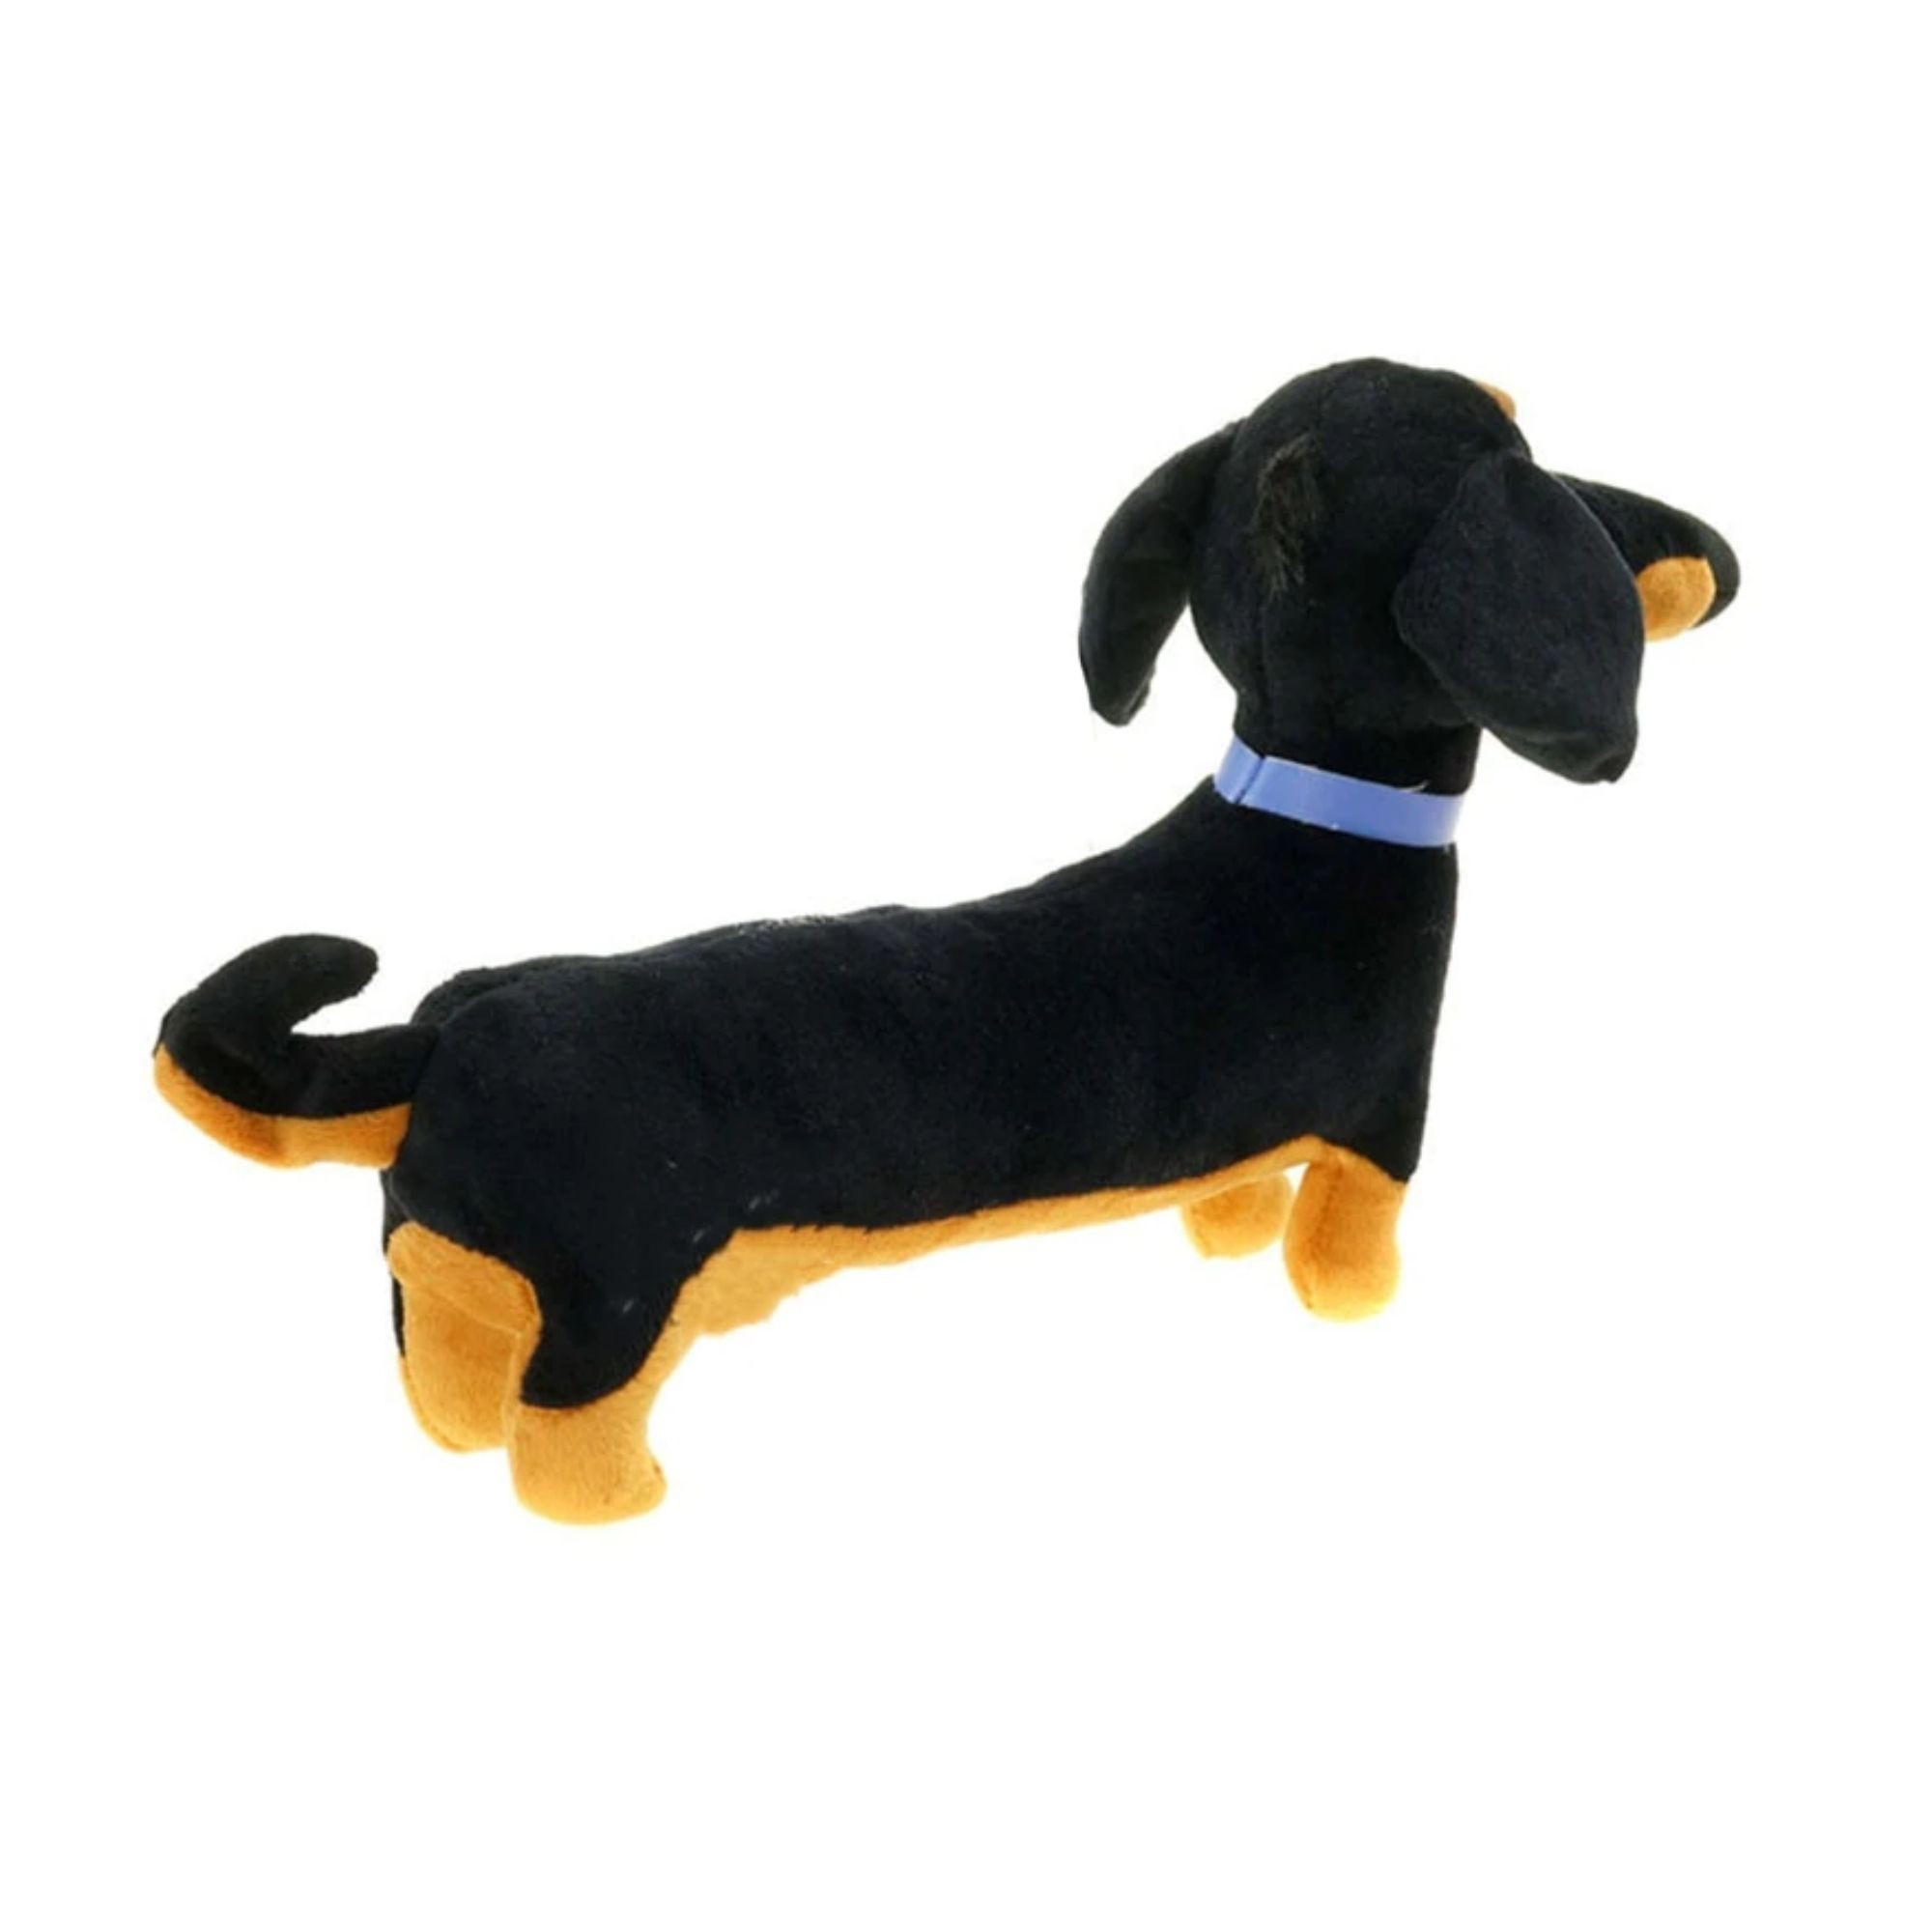 Pelucia Cachorro Salsicha Billy do Filme Pets Fofo 35 cm  - Game Land Brinquedos